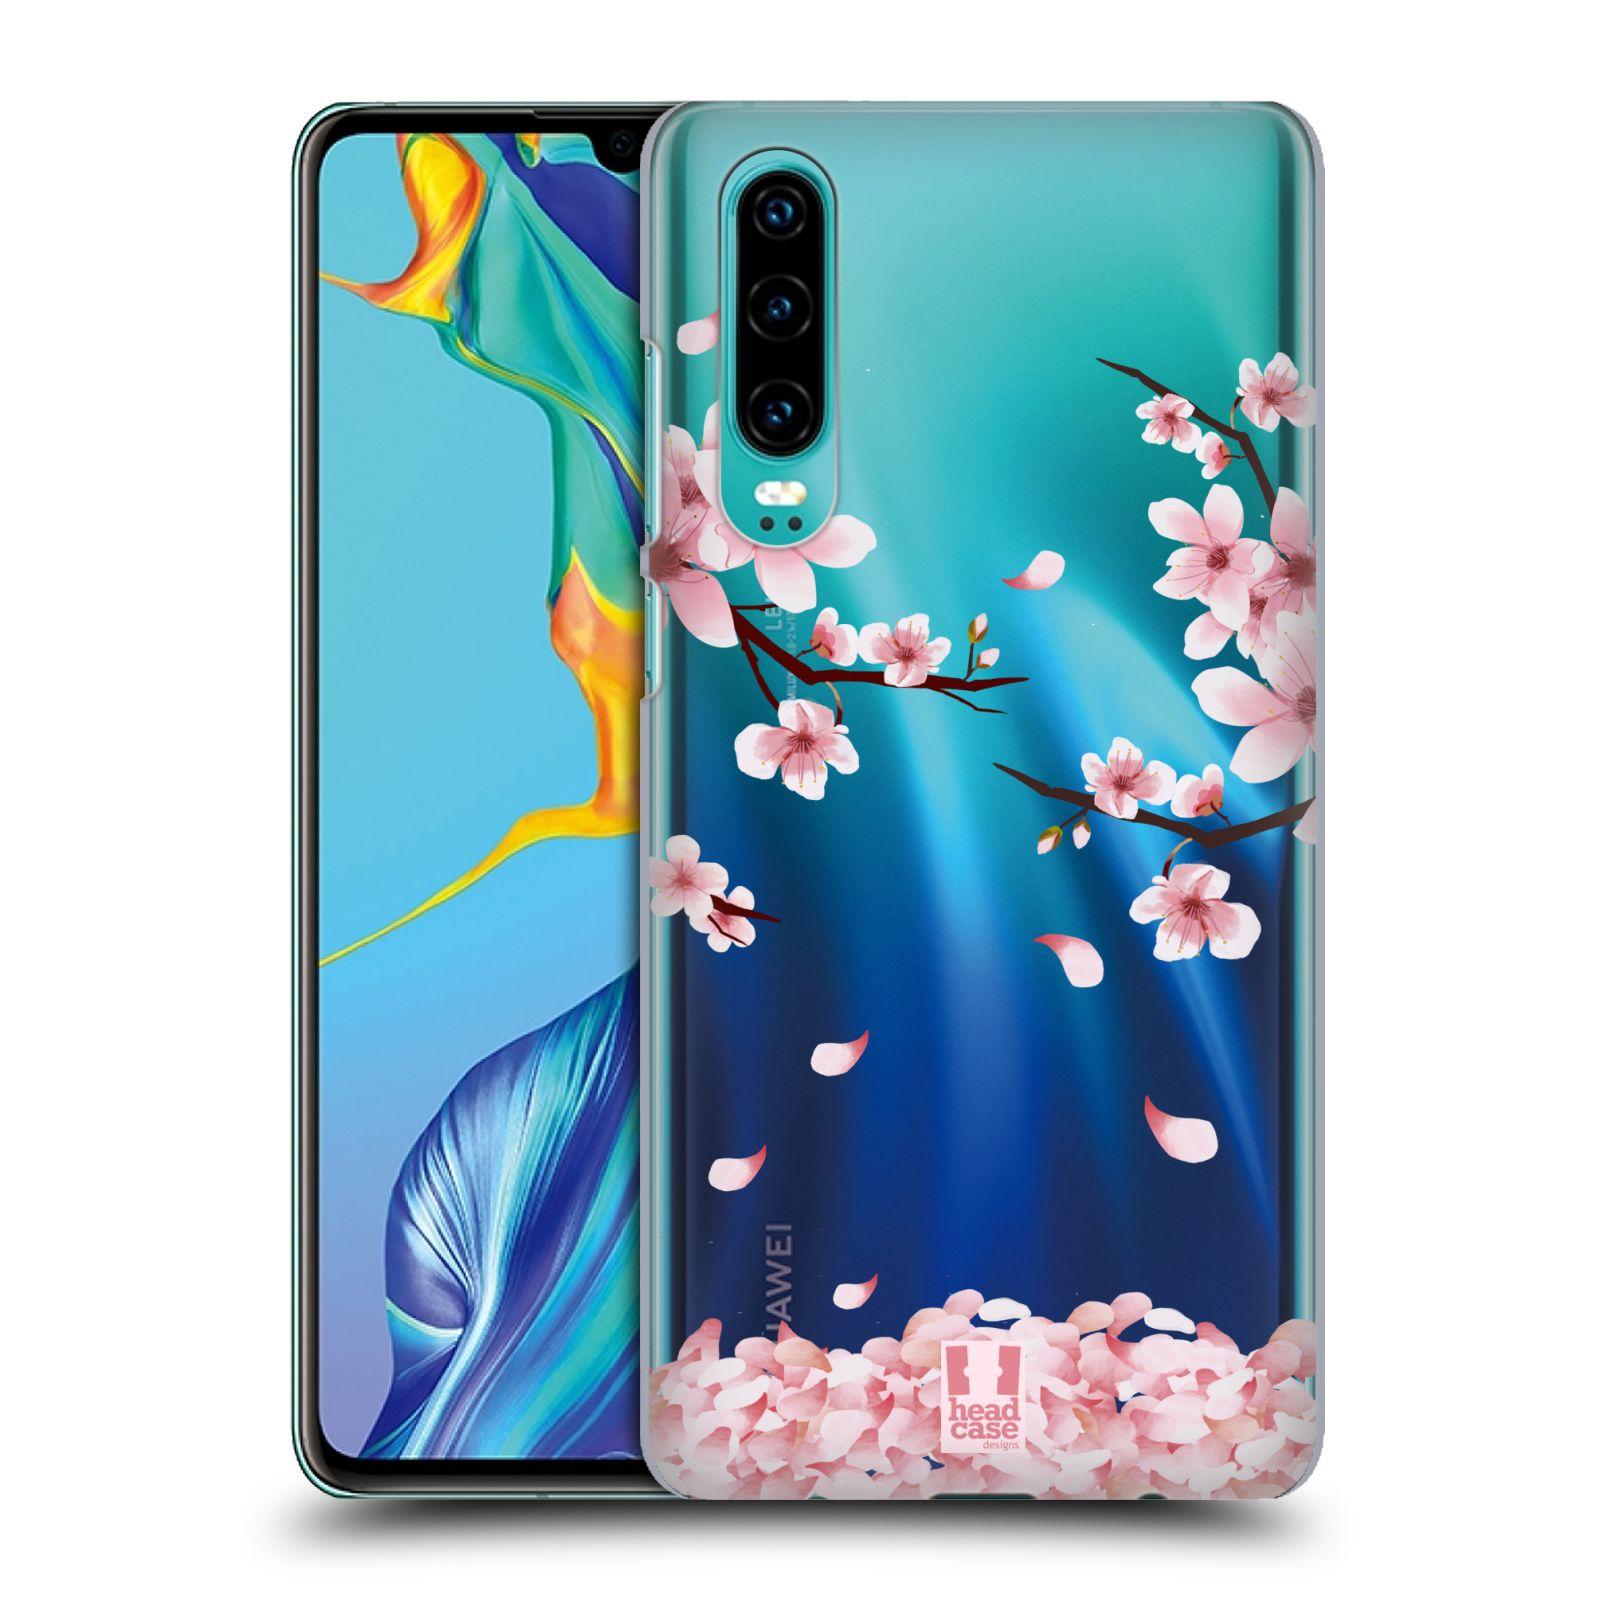 Plastové pouzdro na mobil Huawei P30 - Head Case - Květy a větvičky